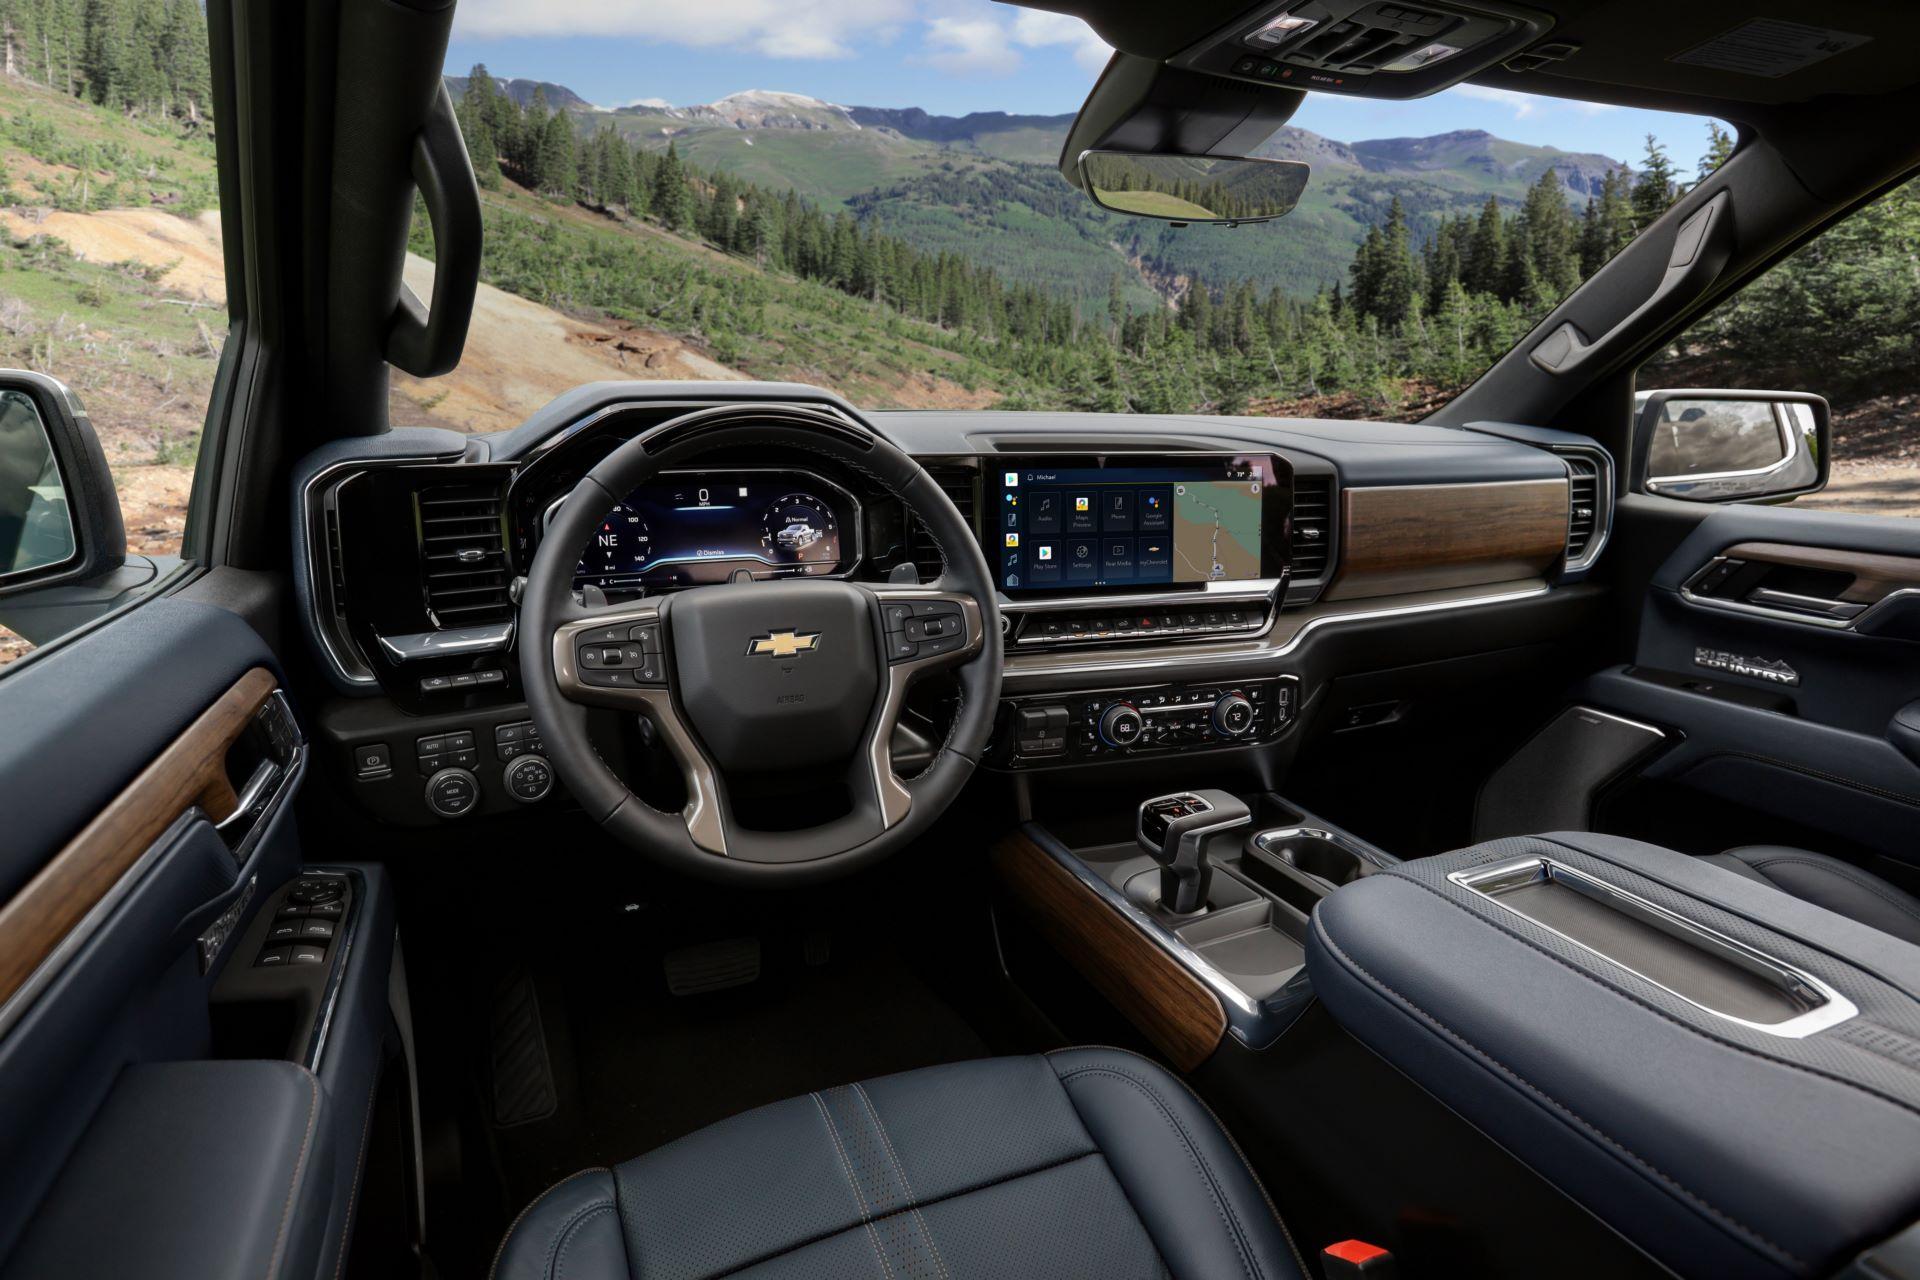 2022-Chevrolet-Silverado-HighCountry-015